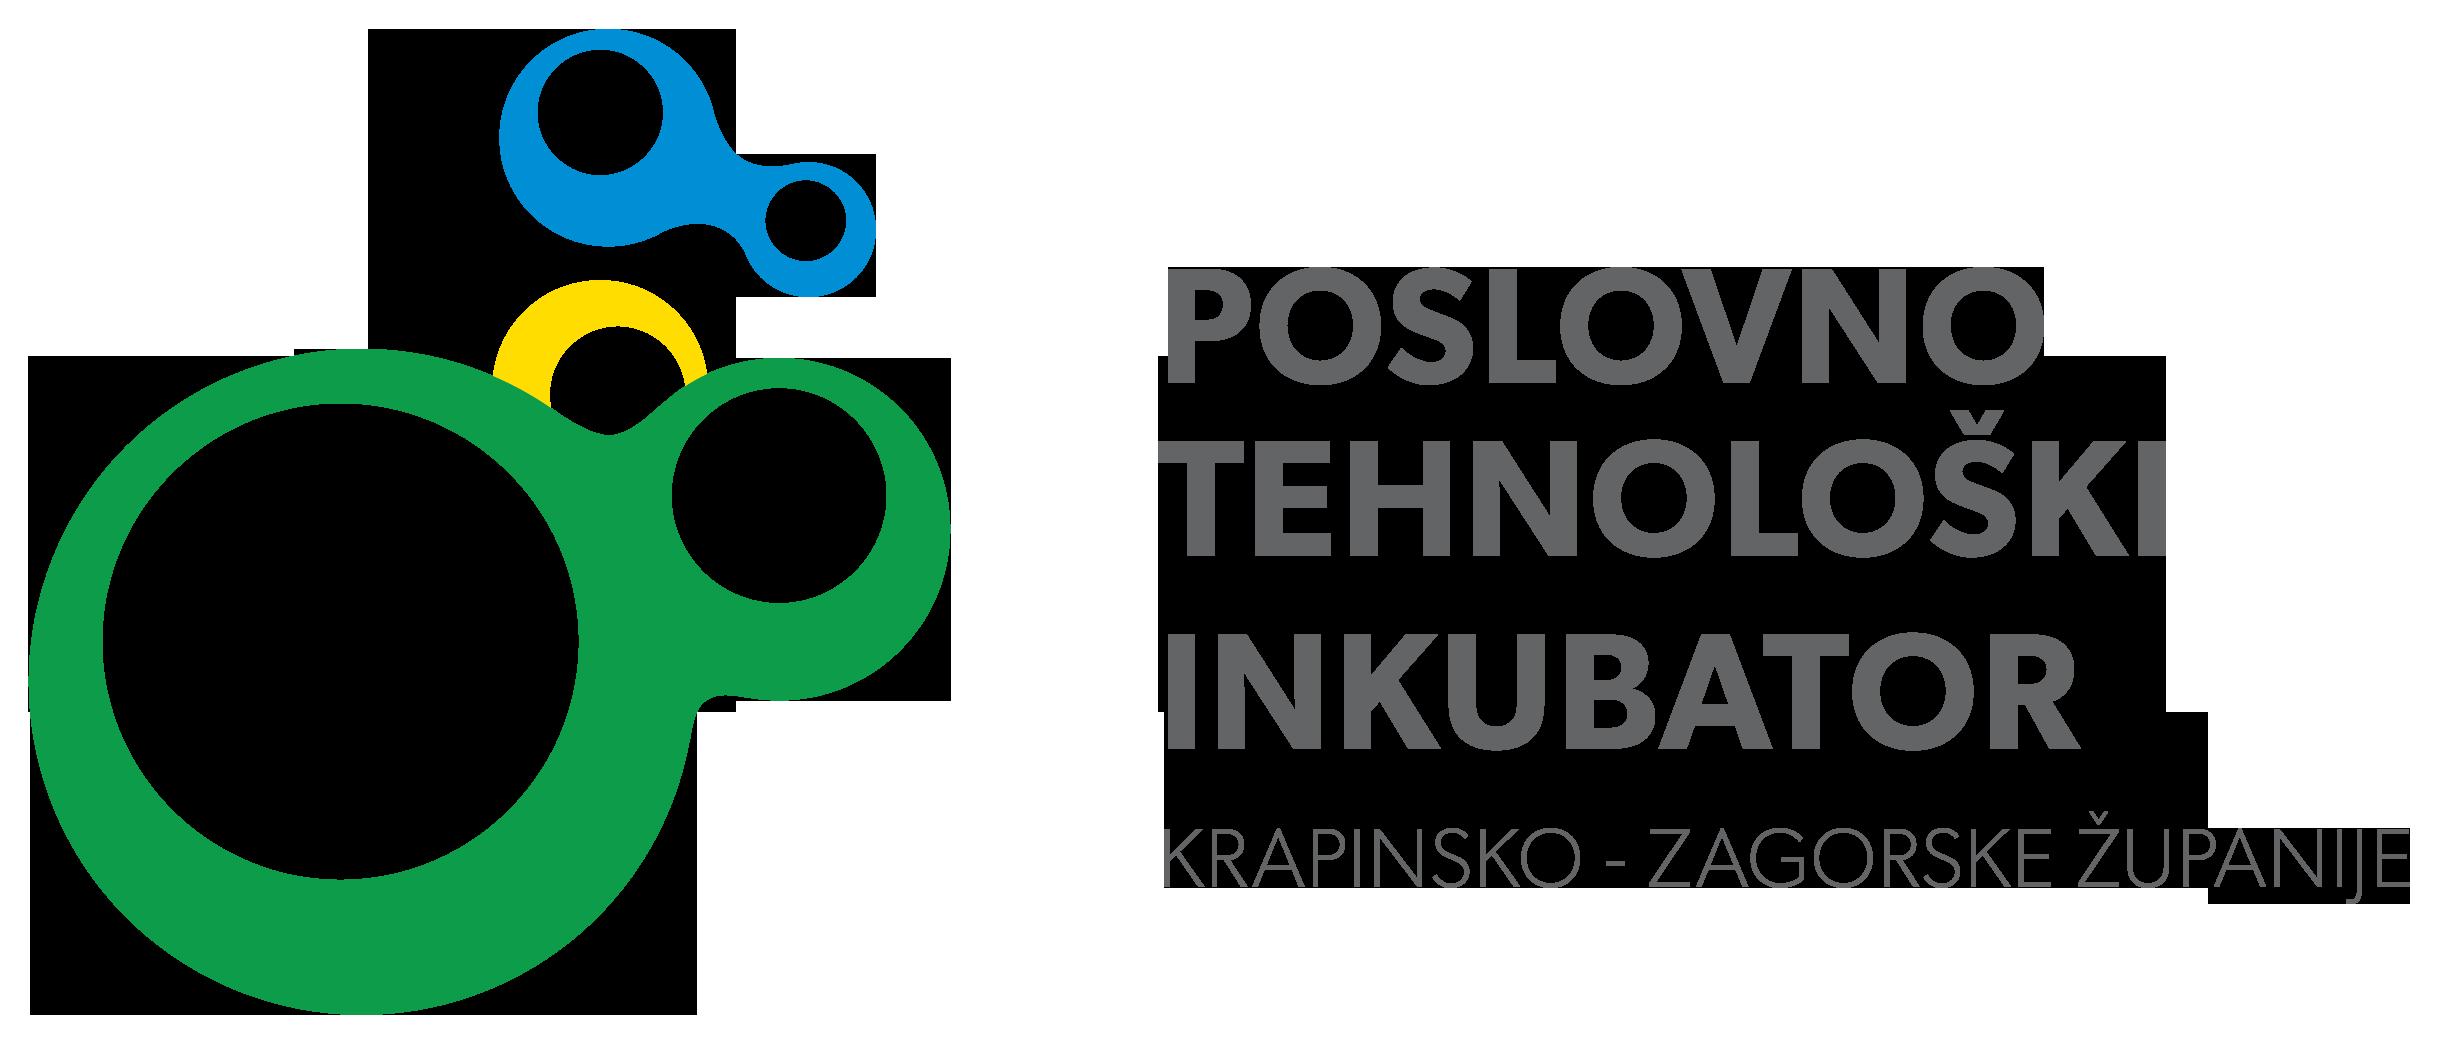 https://app.inkubator-kzz.hr/wp-content/uploads/2019/02/Knjiga-grafičkih-standarda-za-logo-PTI-KZŽ-2.png